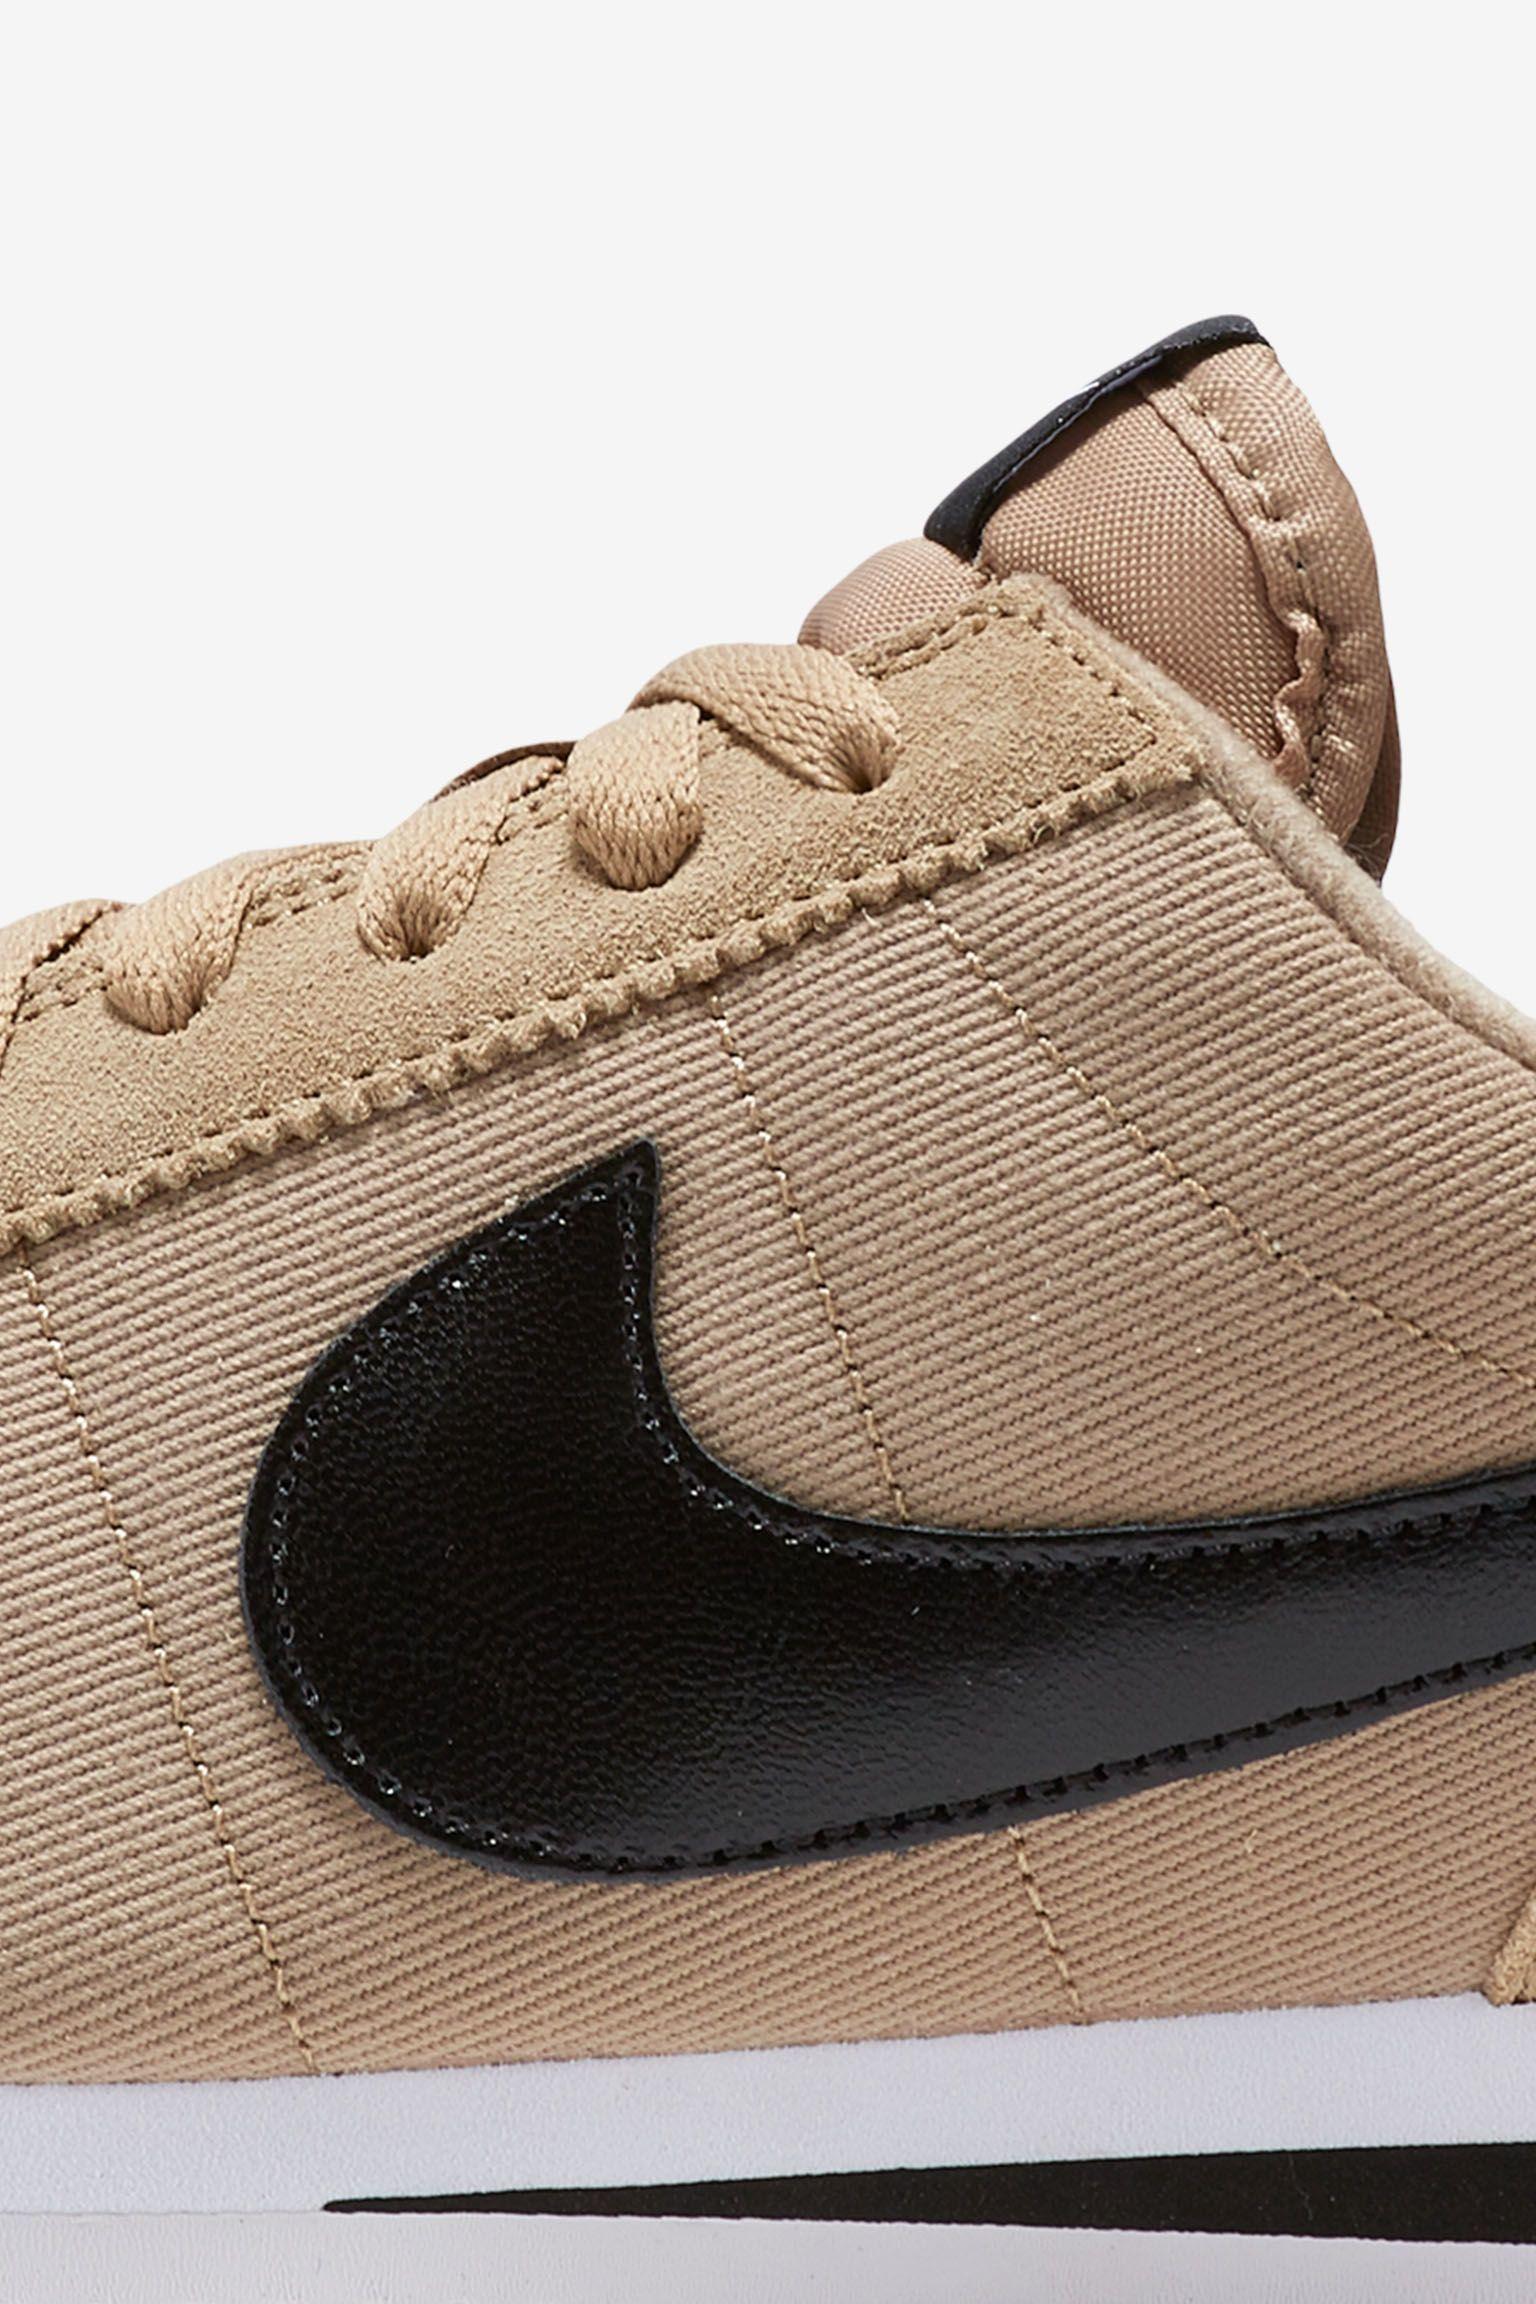 Nike Cortez Basic 'Baseball Pack' Desert Tones